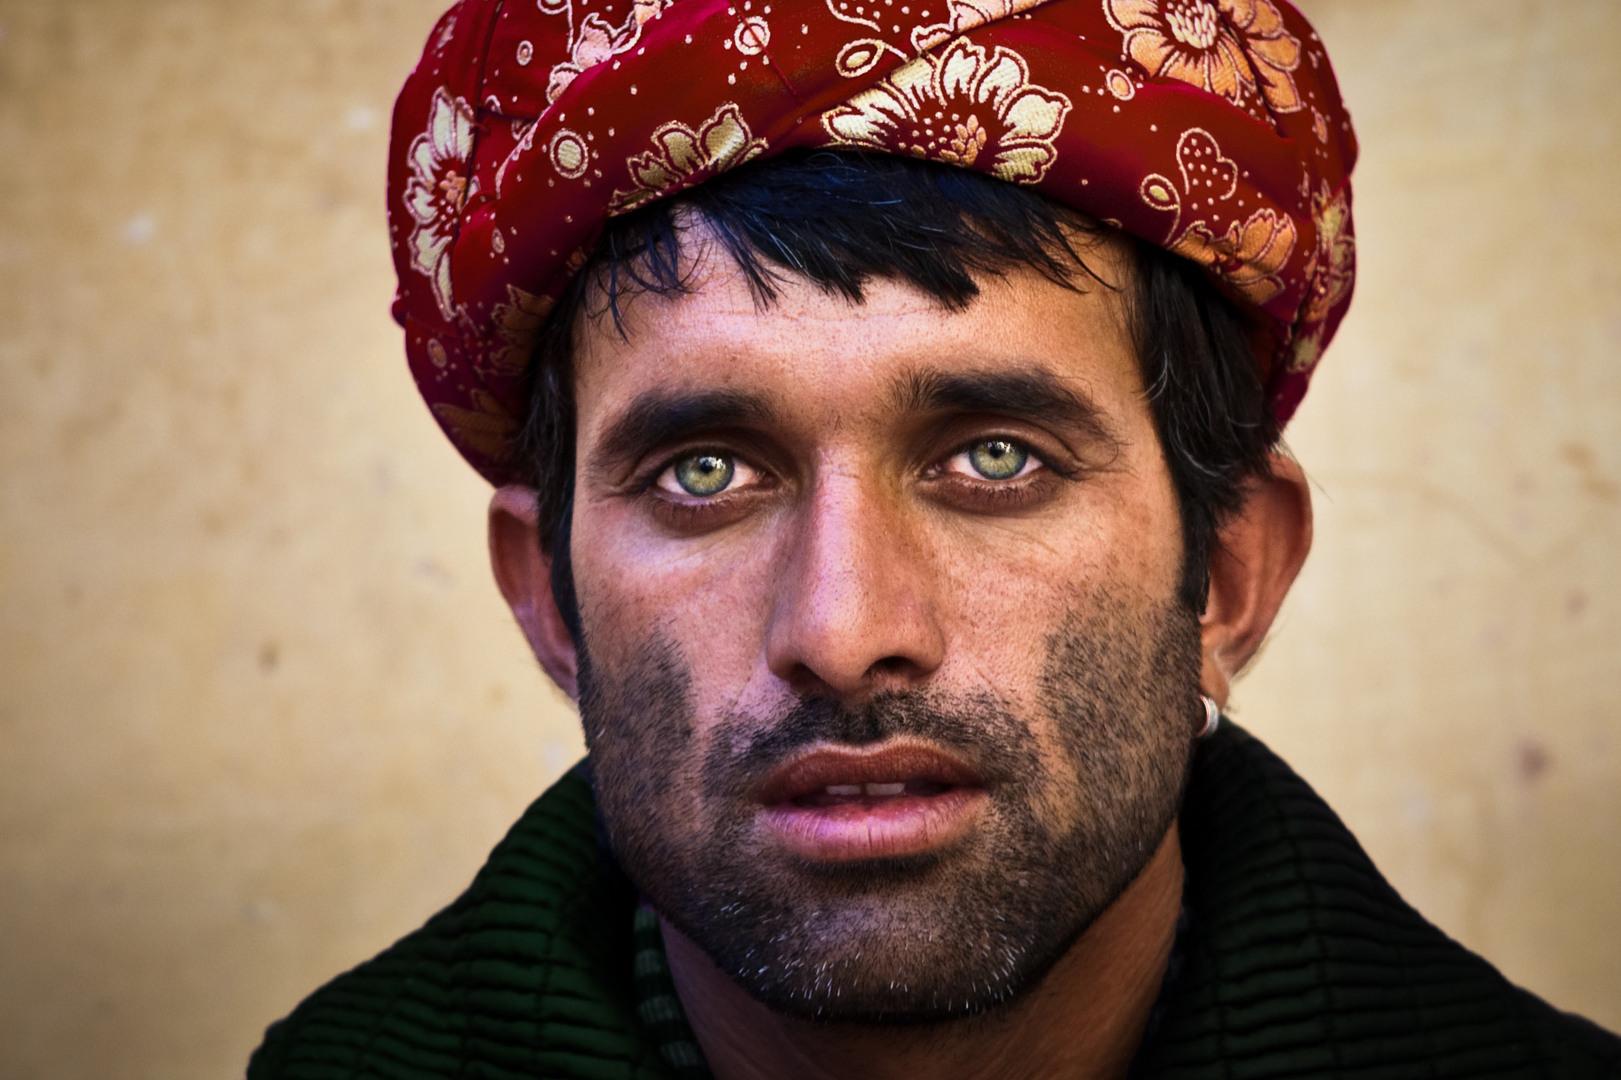 23 Fotos De Los Ojos Más Hermosos E Impactantes Del Mundo